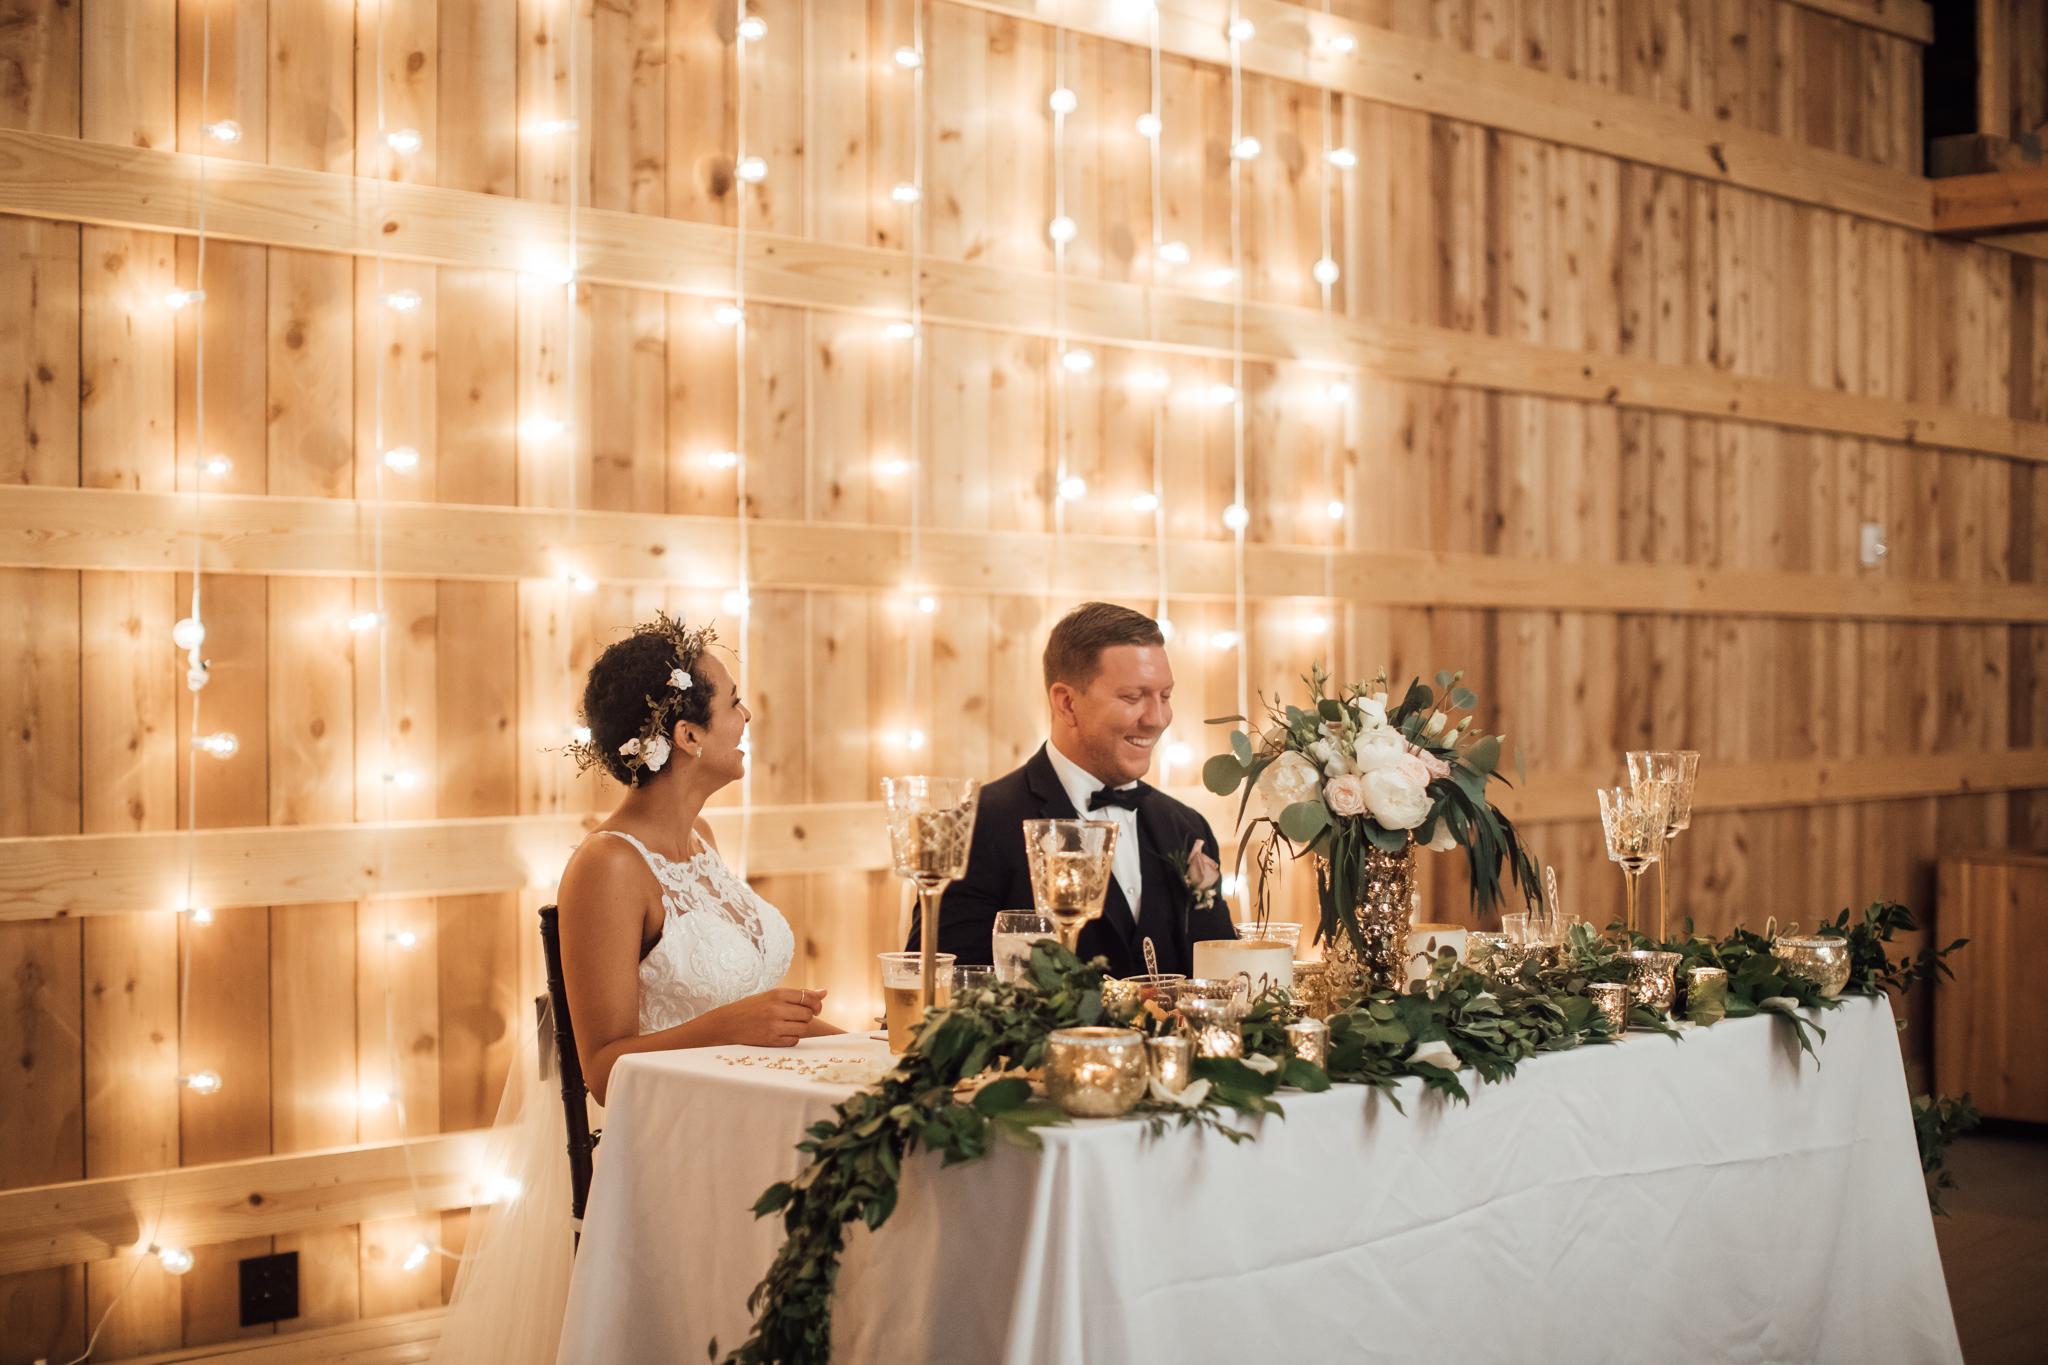 saddlewoodsfarms-nashville-wedding-photographer-thewarmtharoundyou-rustic-wedding (59 of 251).jpg